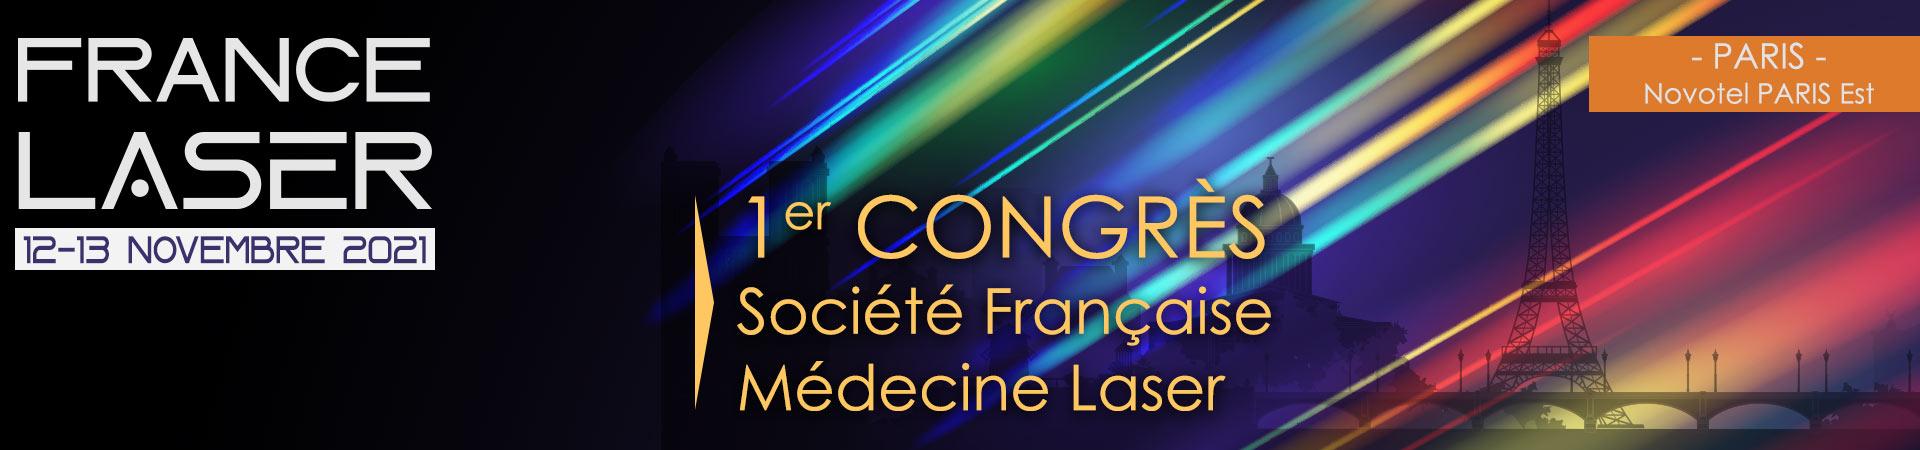 Congrès France Laser 2021